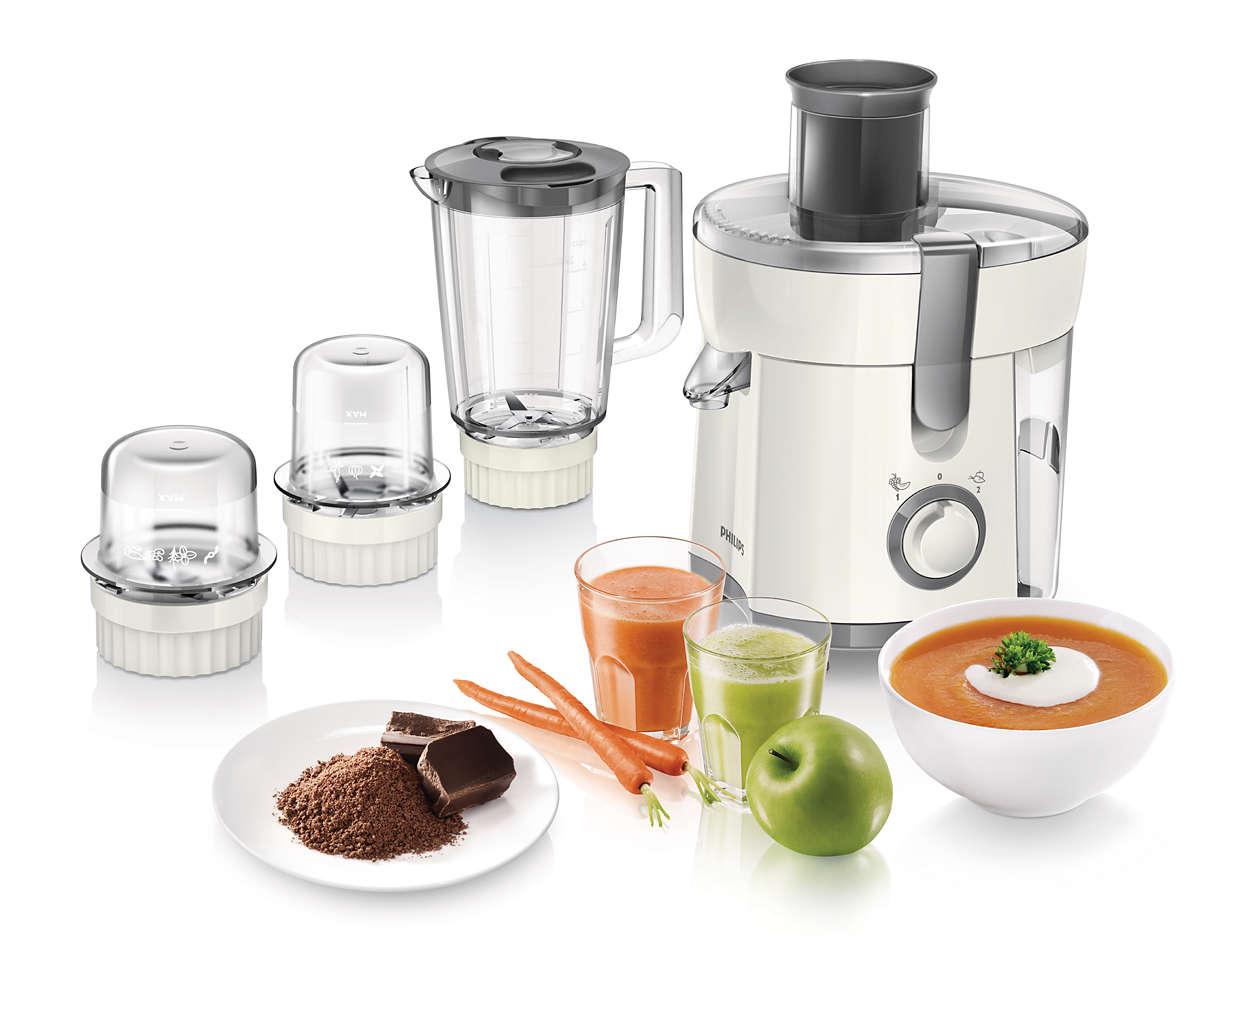 Philips Food Processor Blender Juicer